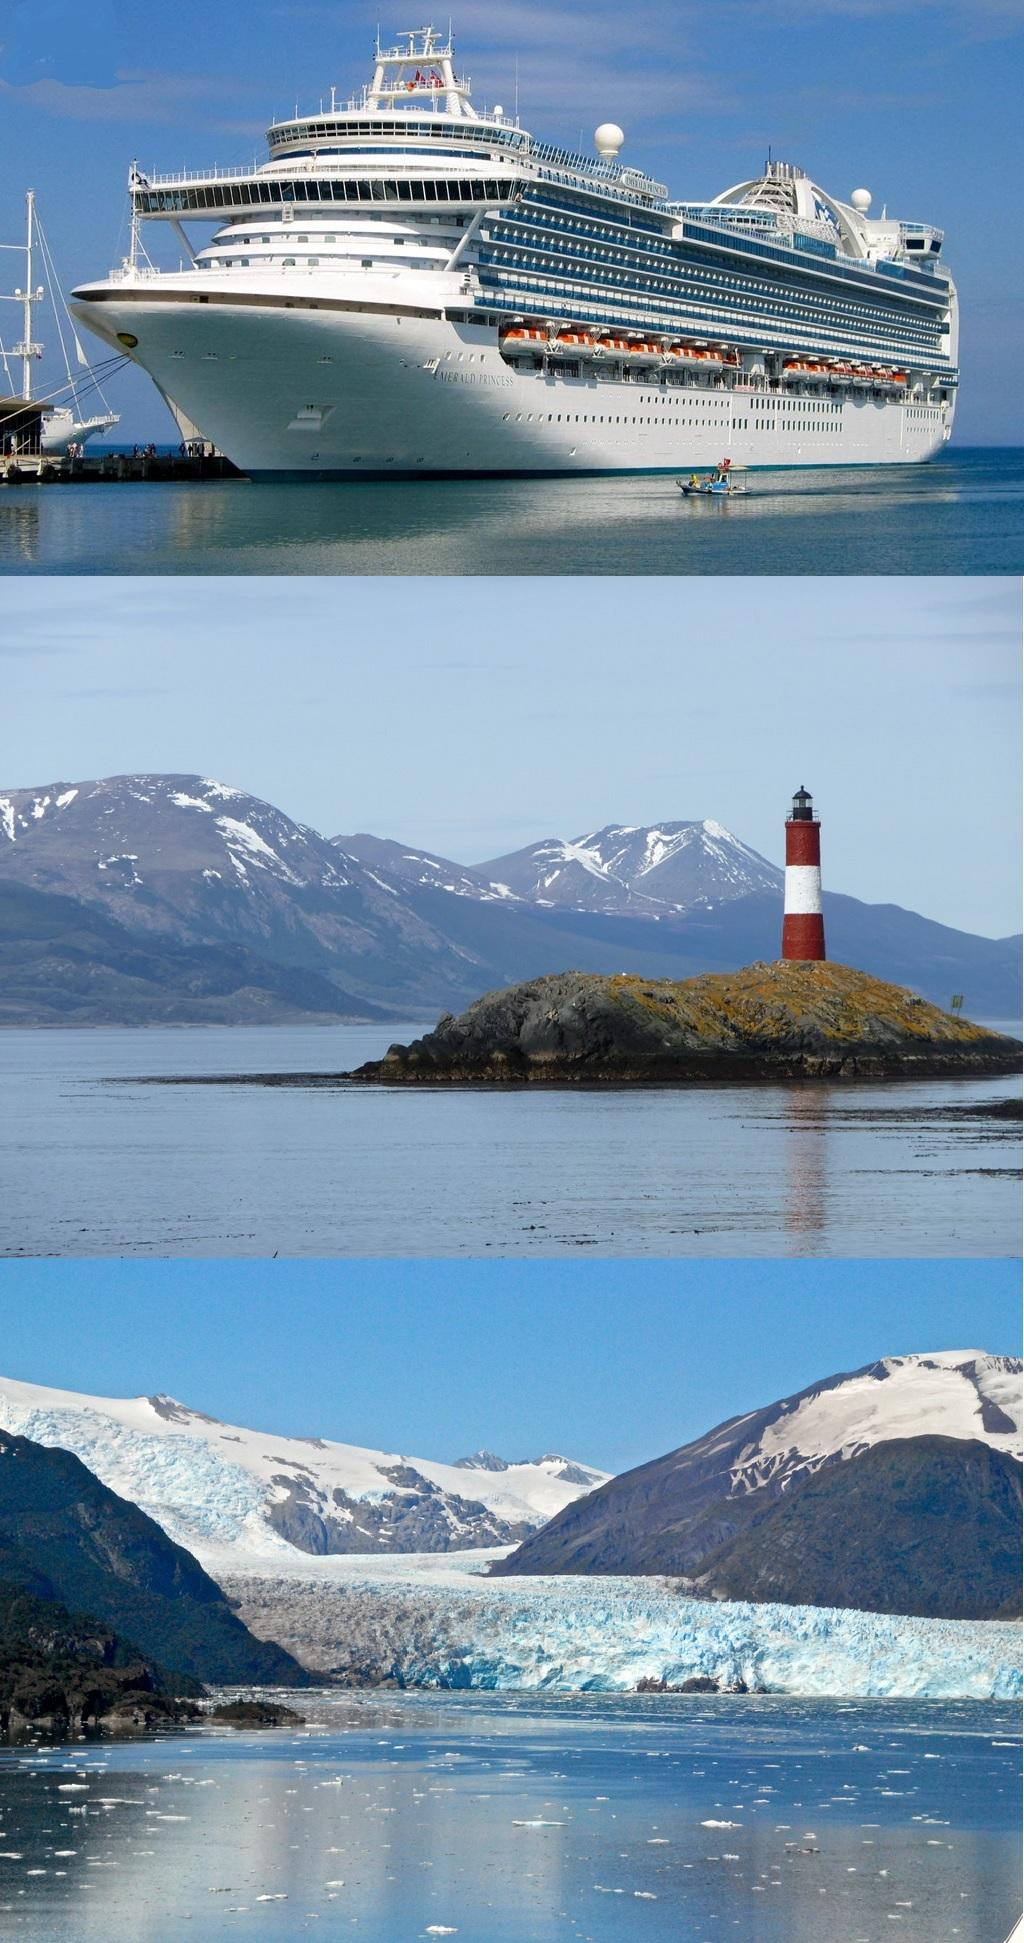 Viajes en crucero